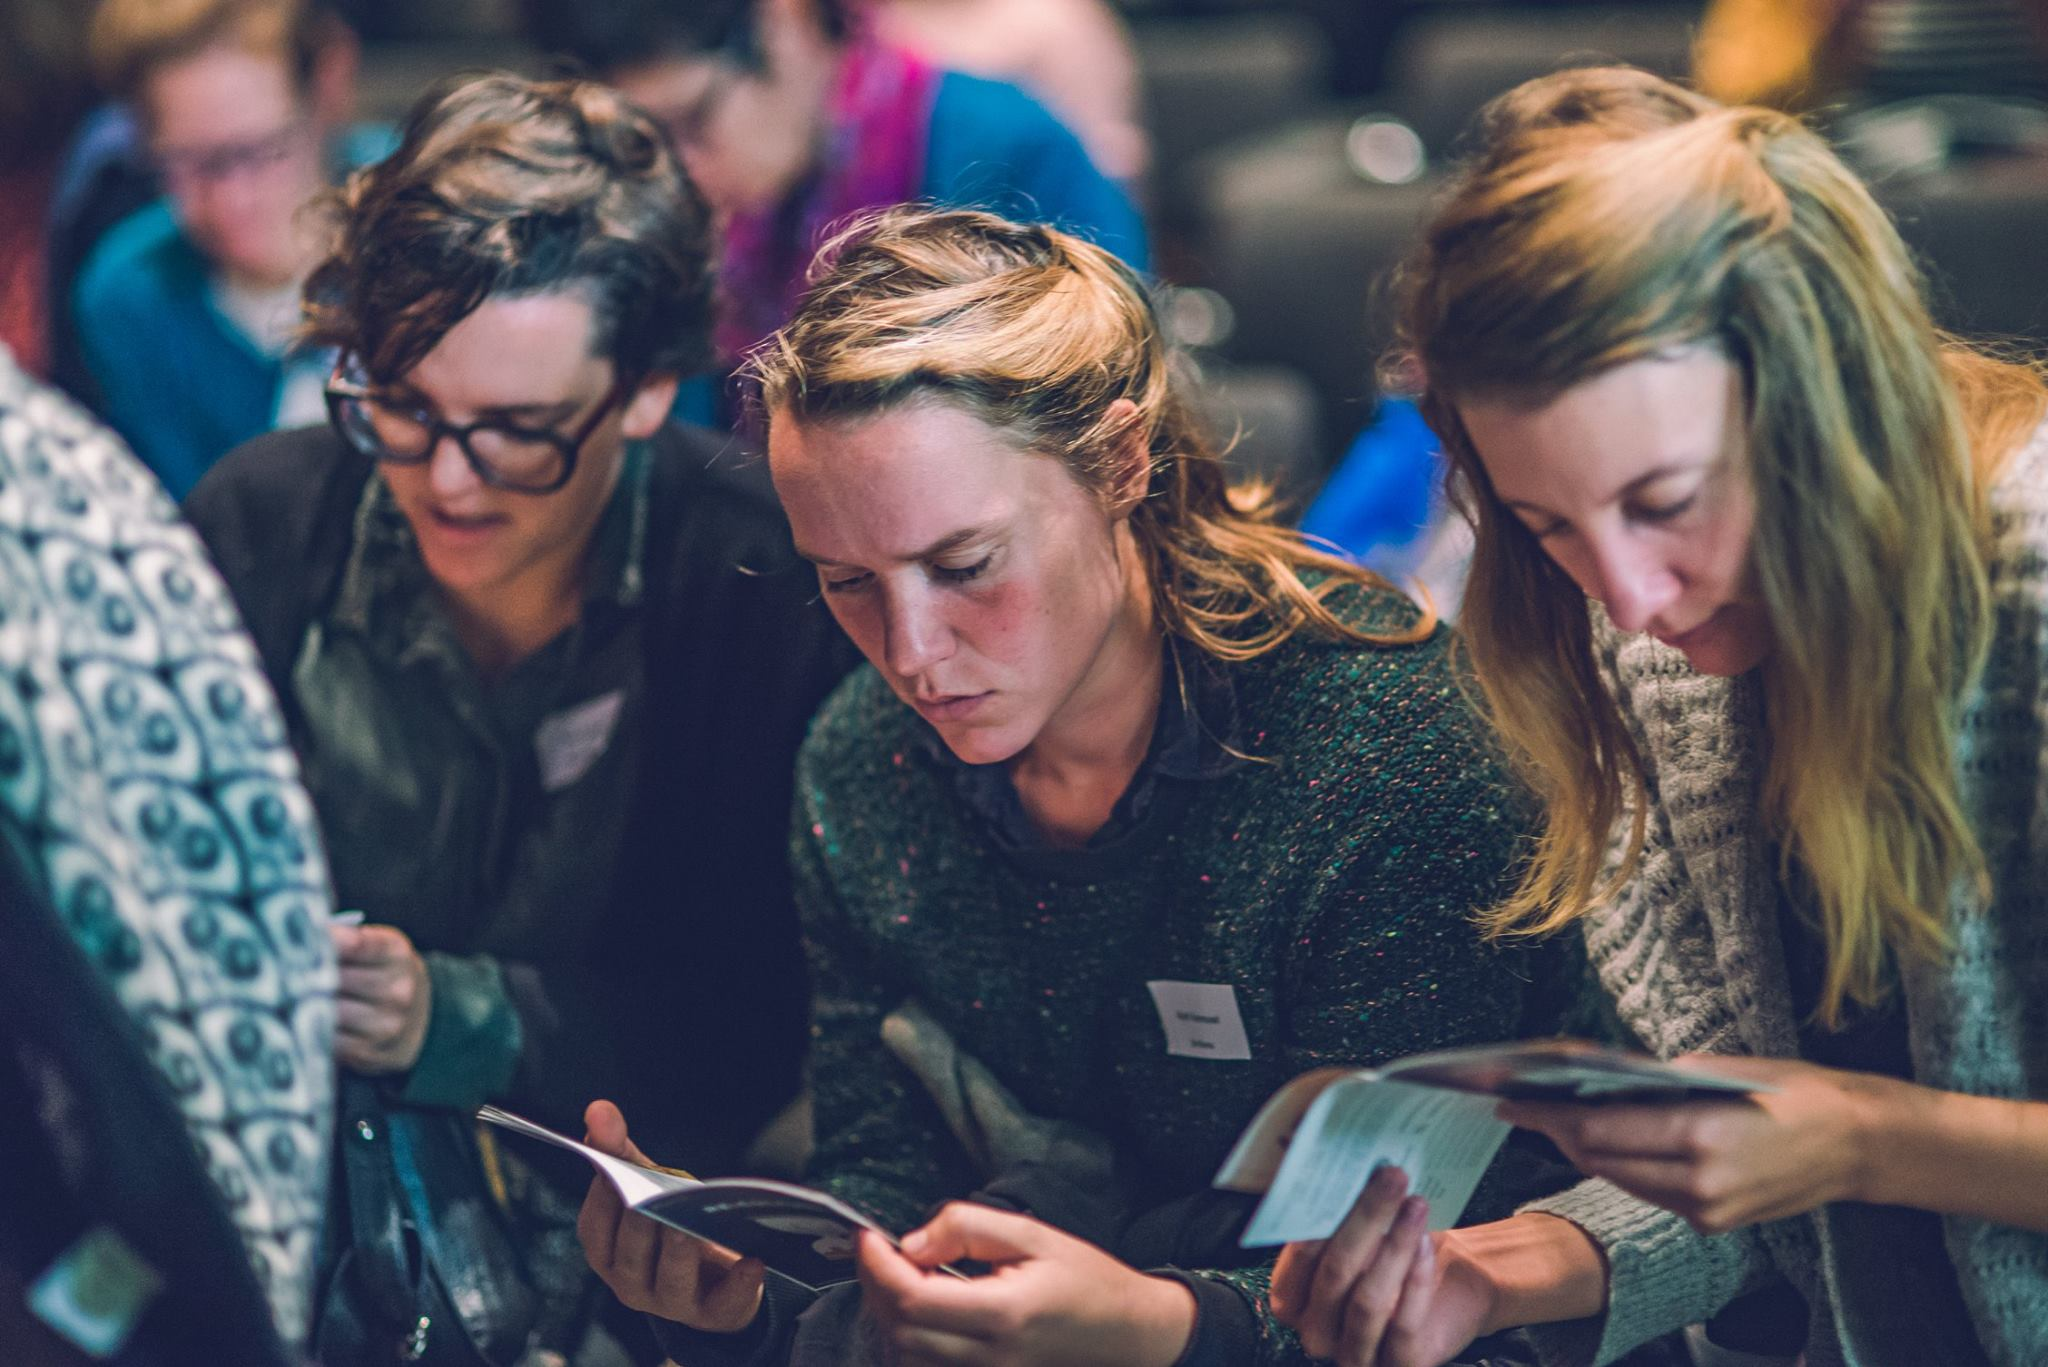 Ellen Fransen, Ruth Vanreusel en Flore Sfeermaekers ©Joachim De Wilde